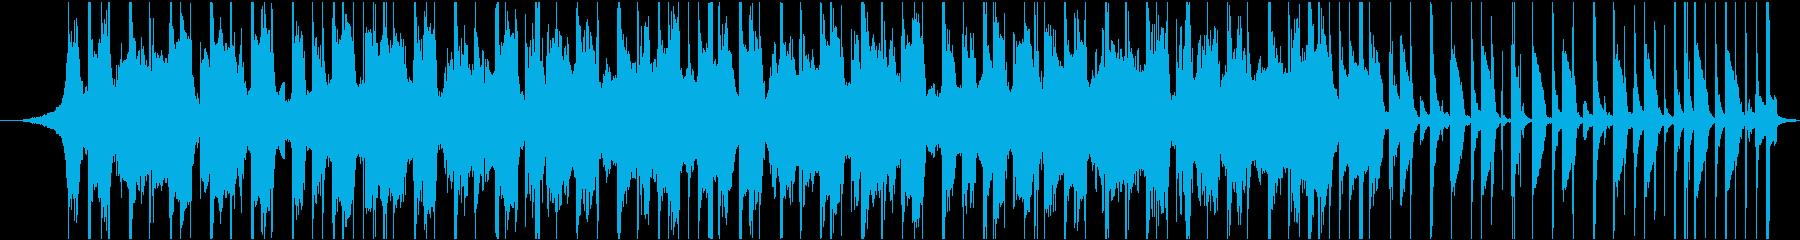 人気のある電子機器 ファンク 企業...の再生済みの波形